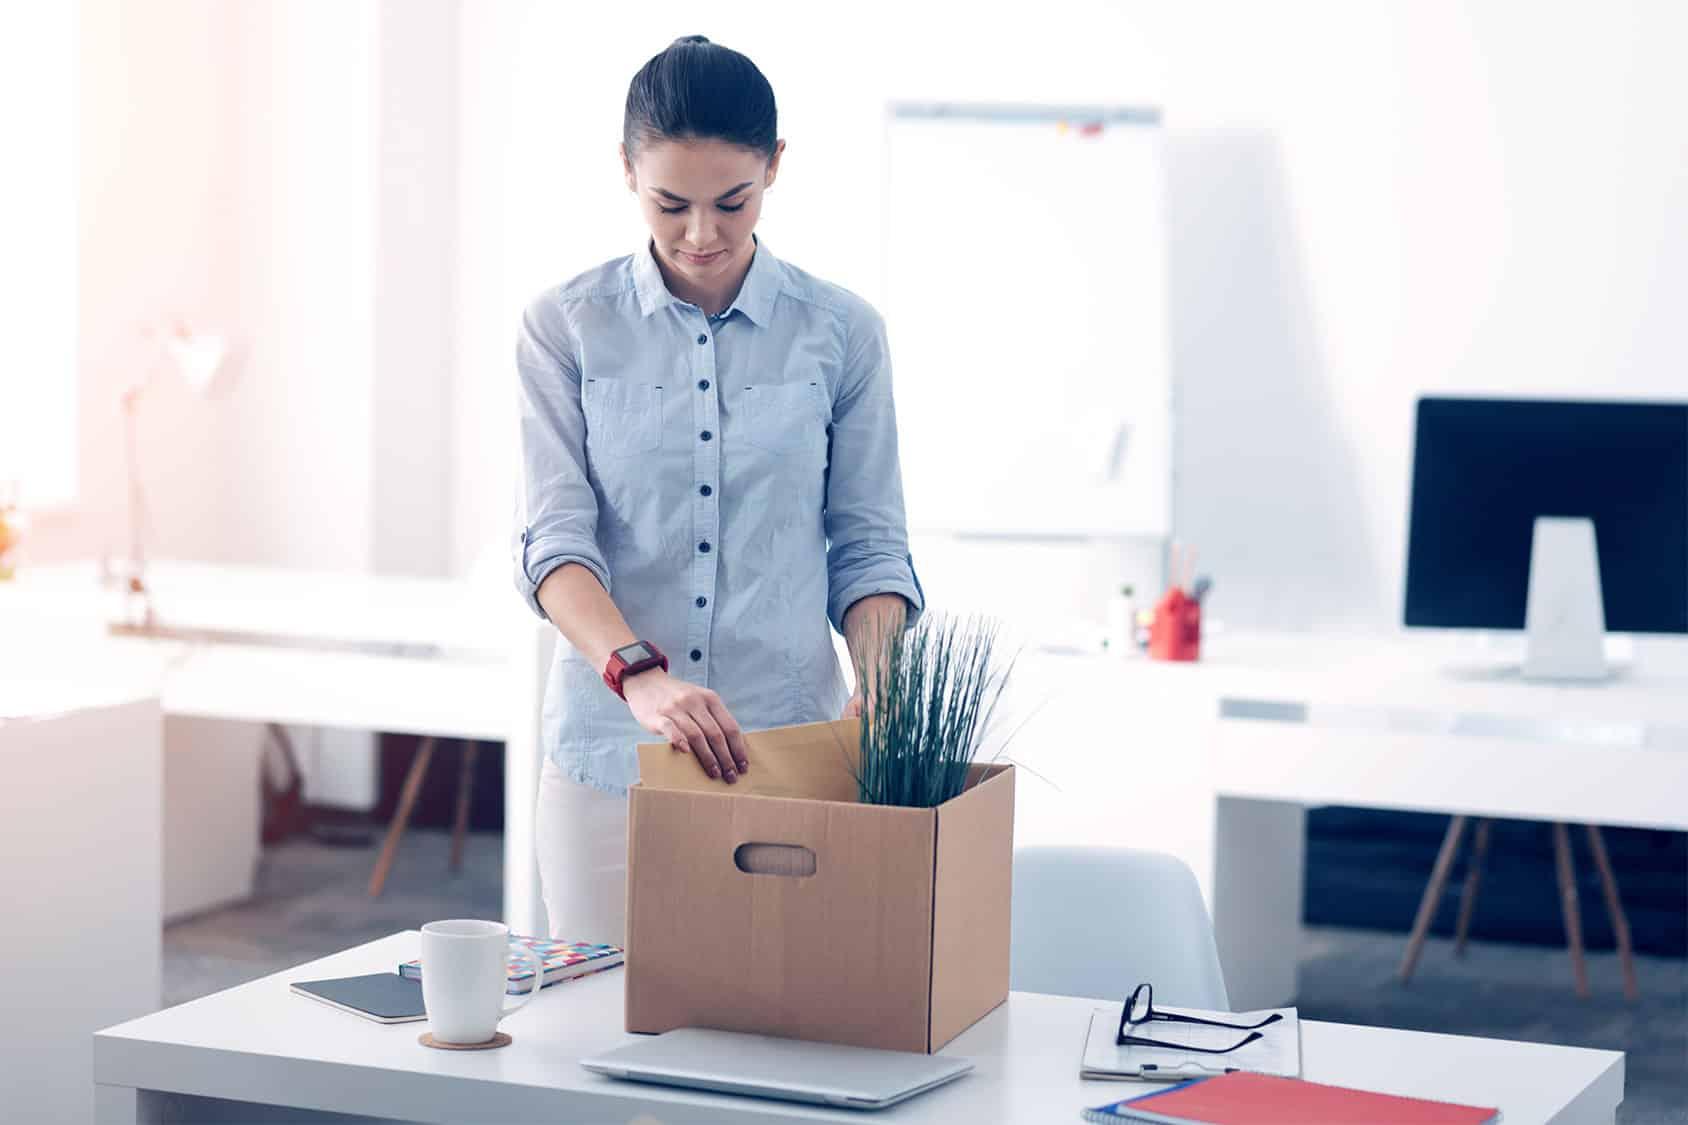 Kündigungsfrist Für Arbeitgeber So Kündigen Sie Mitarbeitern Richtig